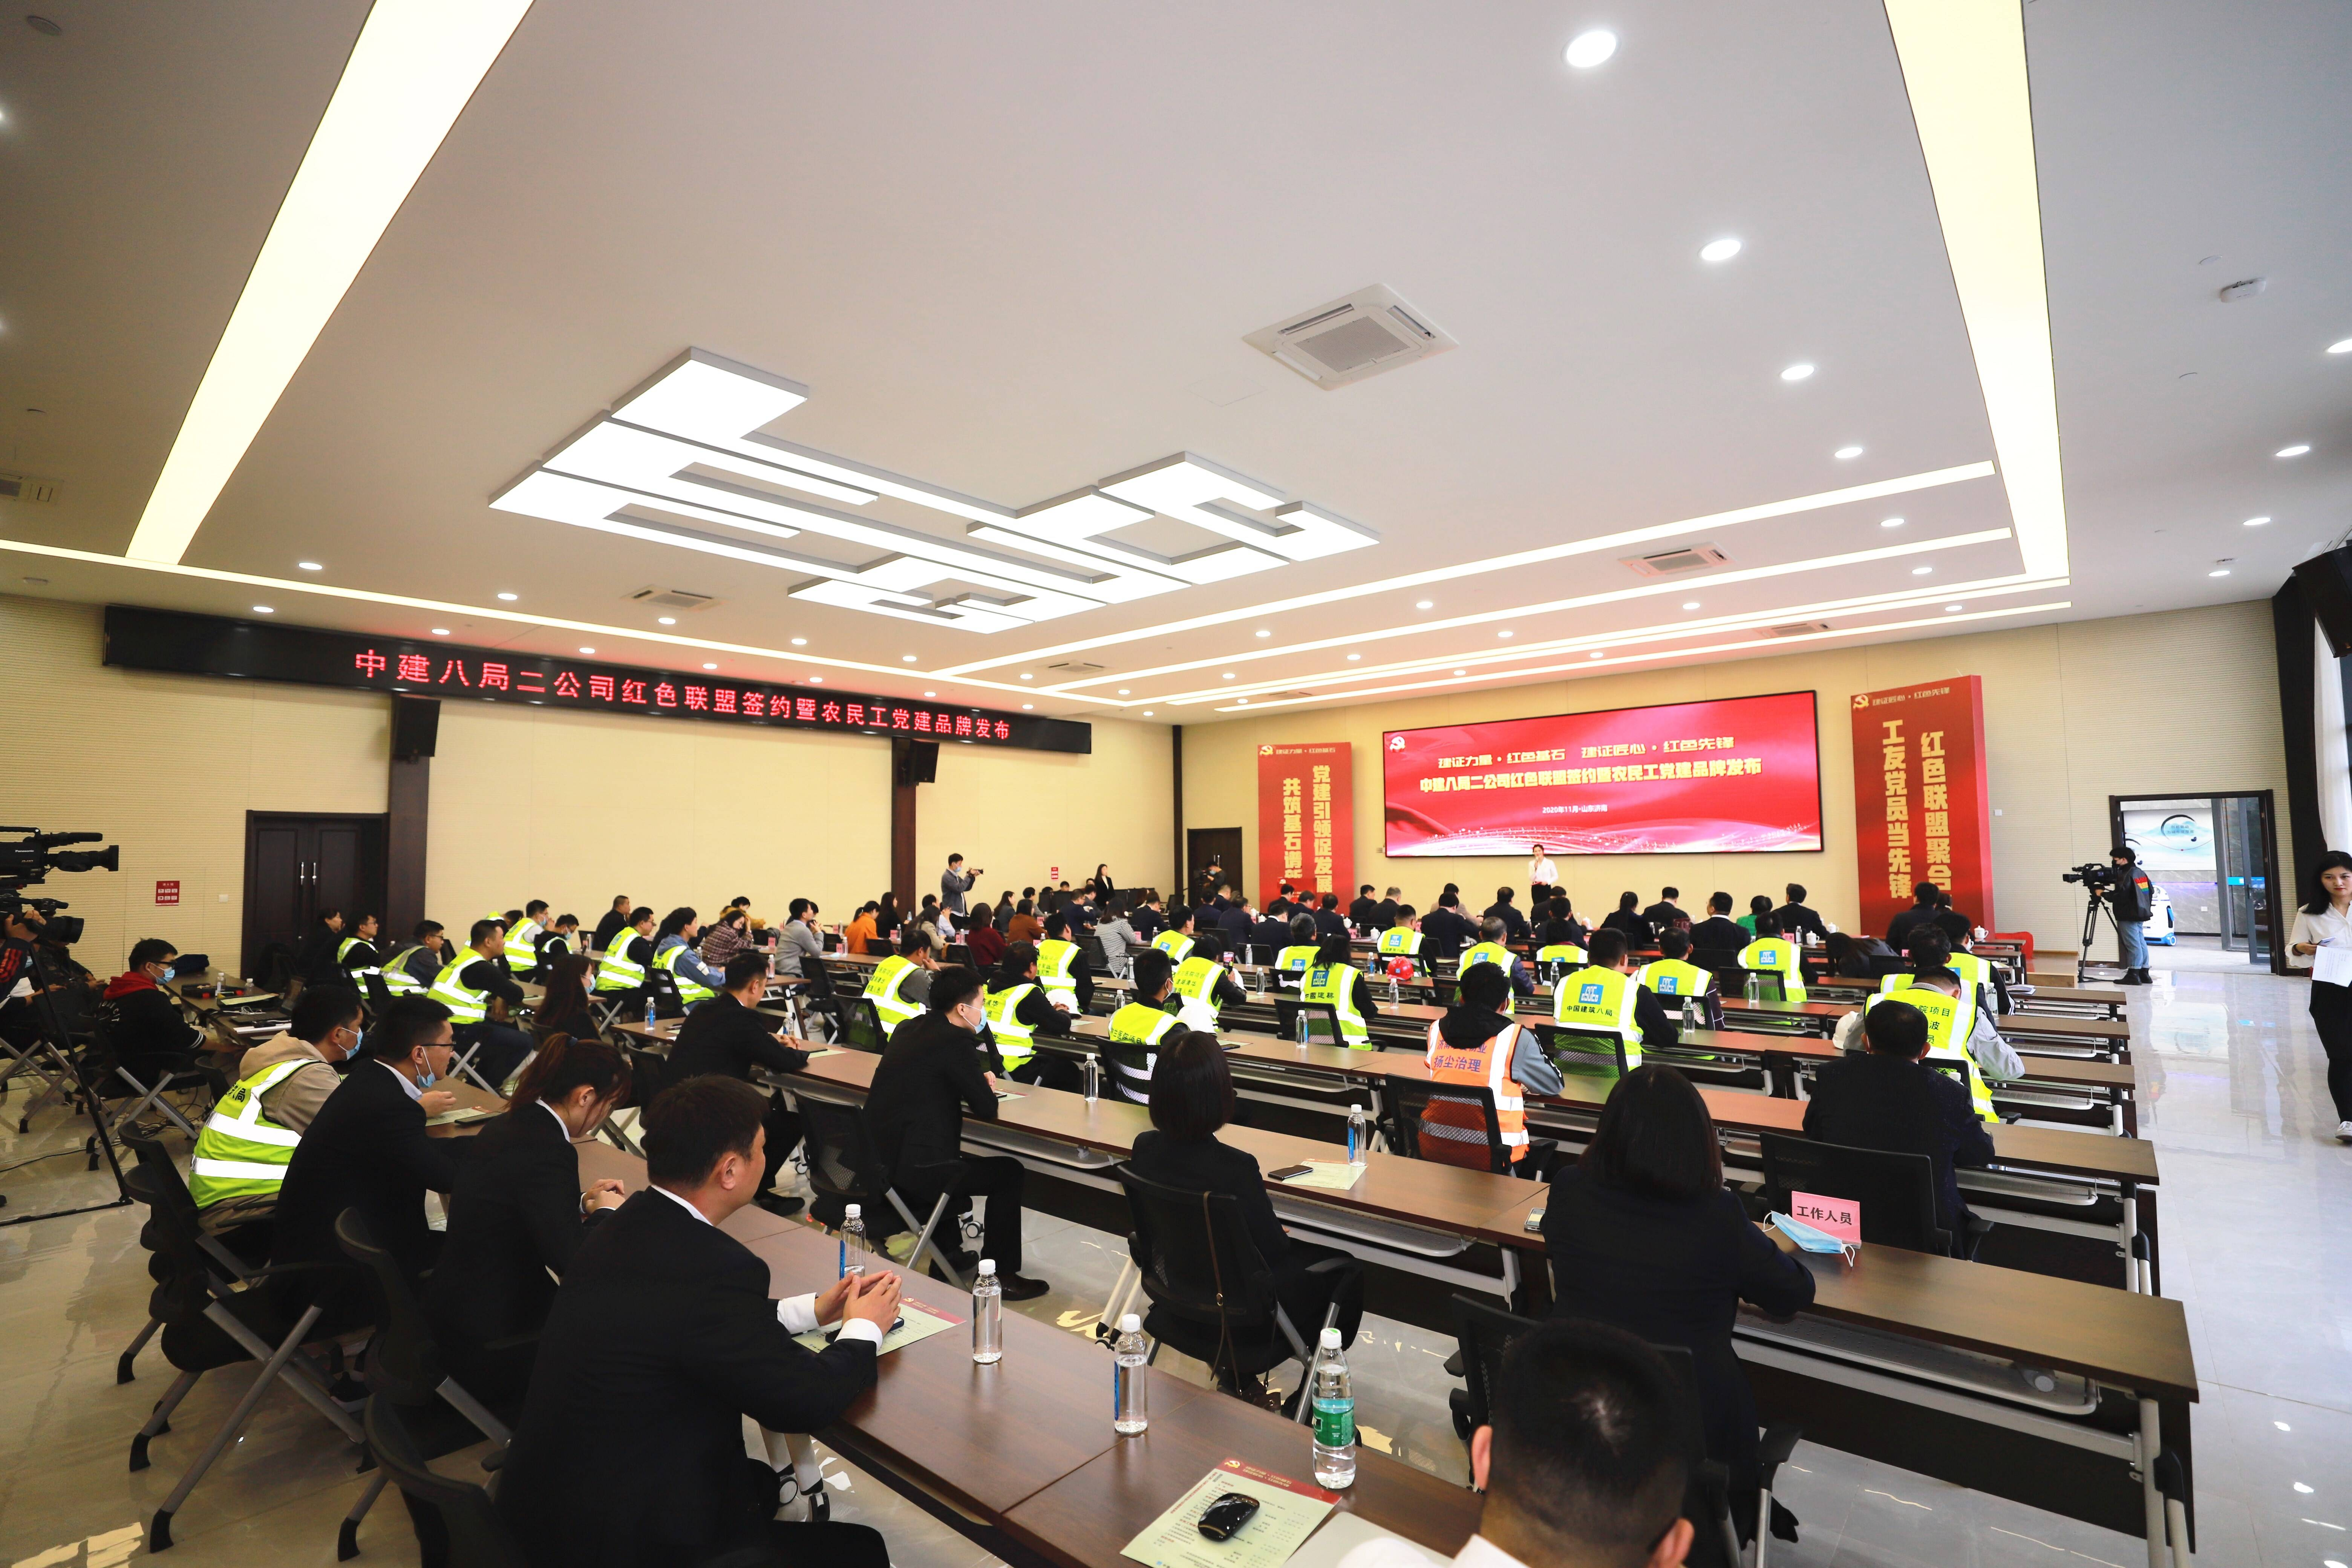 中建八局二公司举行红色联盟签约暨农民工党建品牌发布会